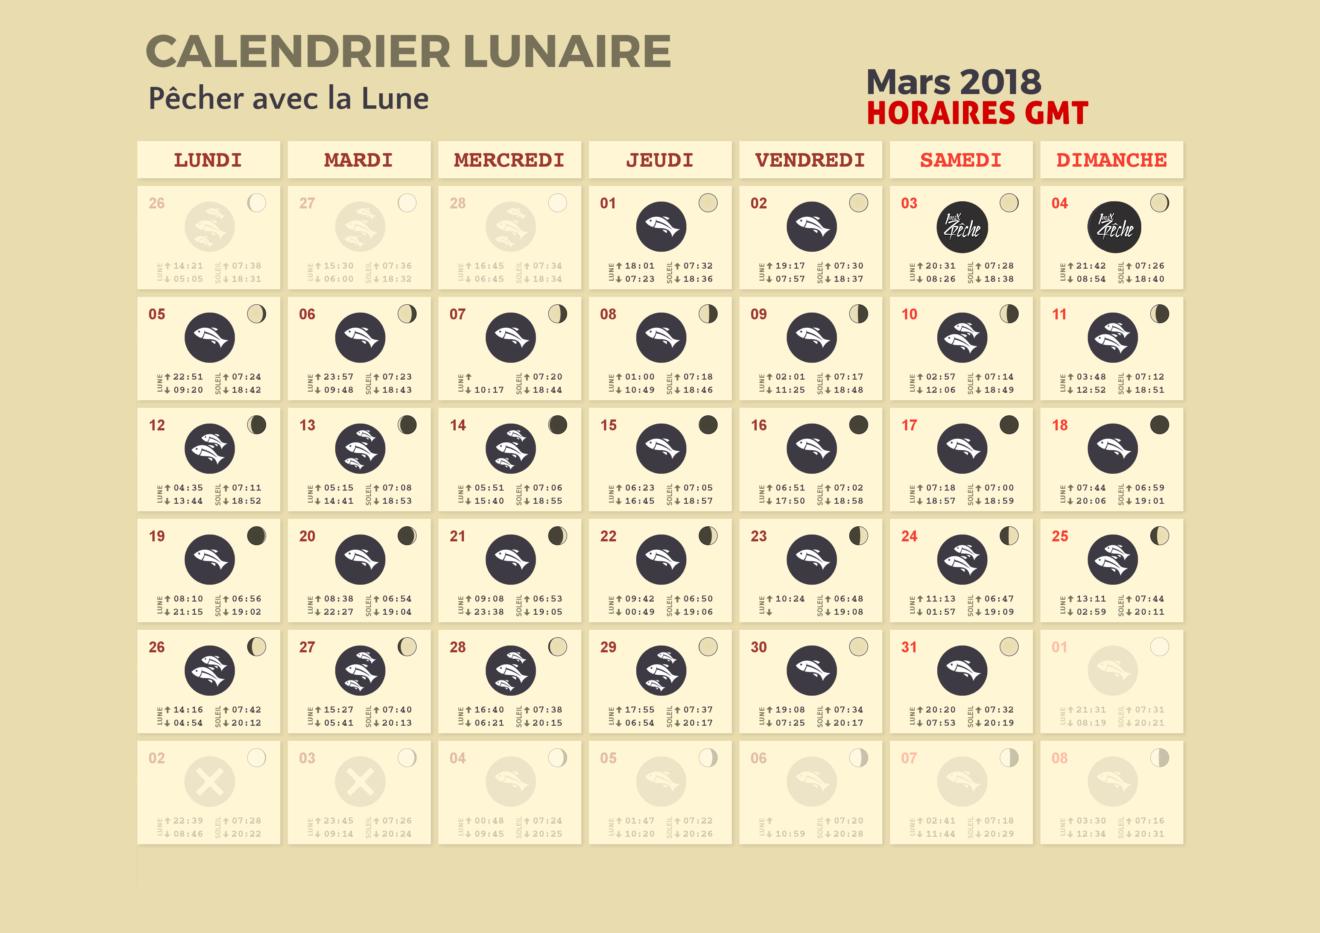 Calendrier Lunaire Peche 2021 Calendrier lunaire pour la pêche   Pêcher avec la lune